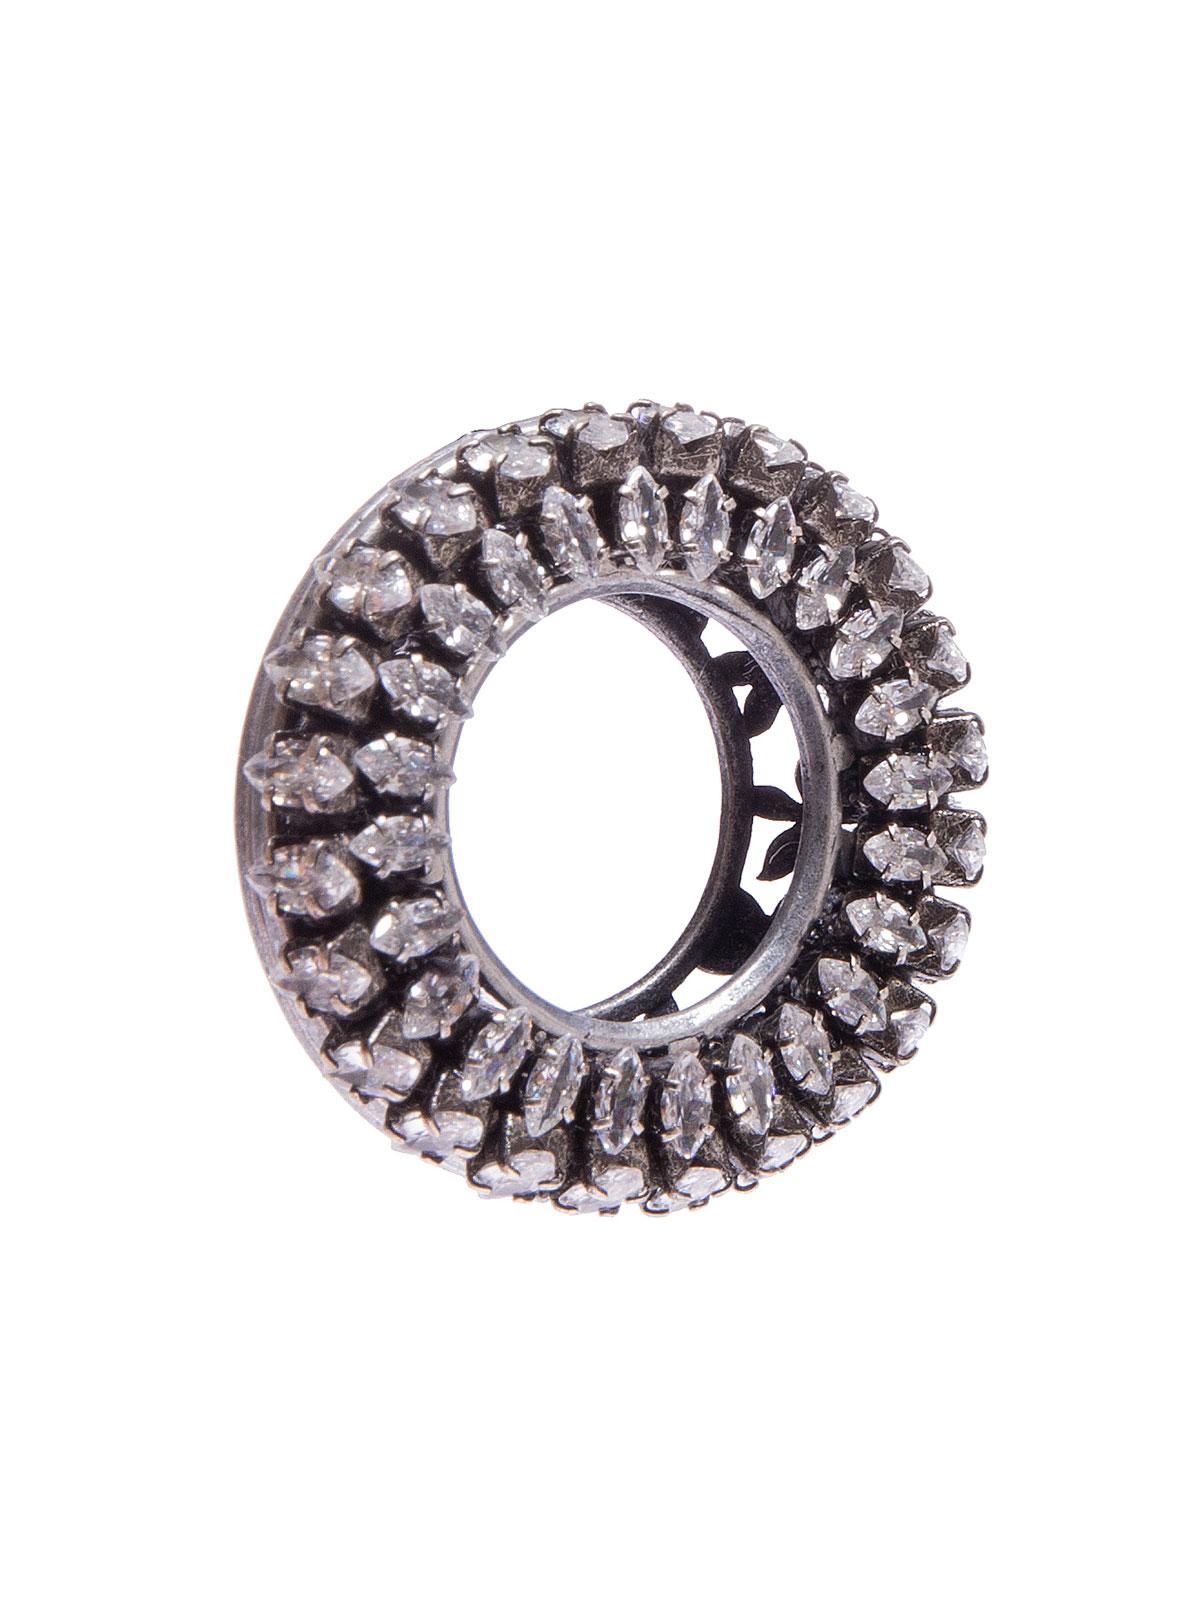 Orecchini tondi ricamati con pietre cristallo